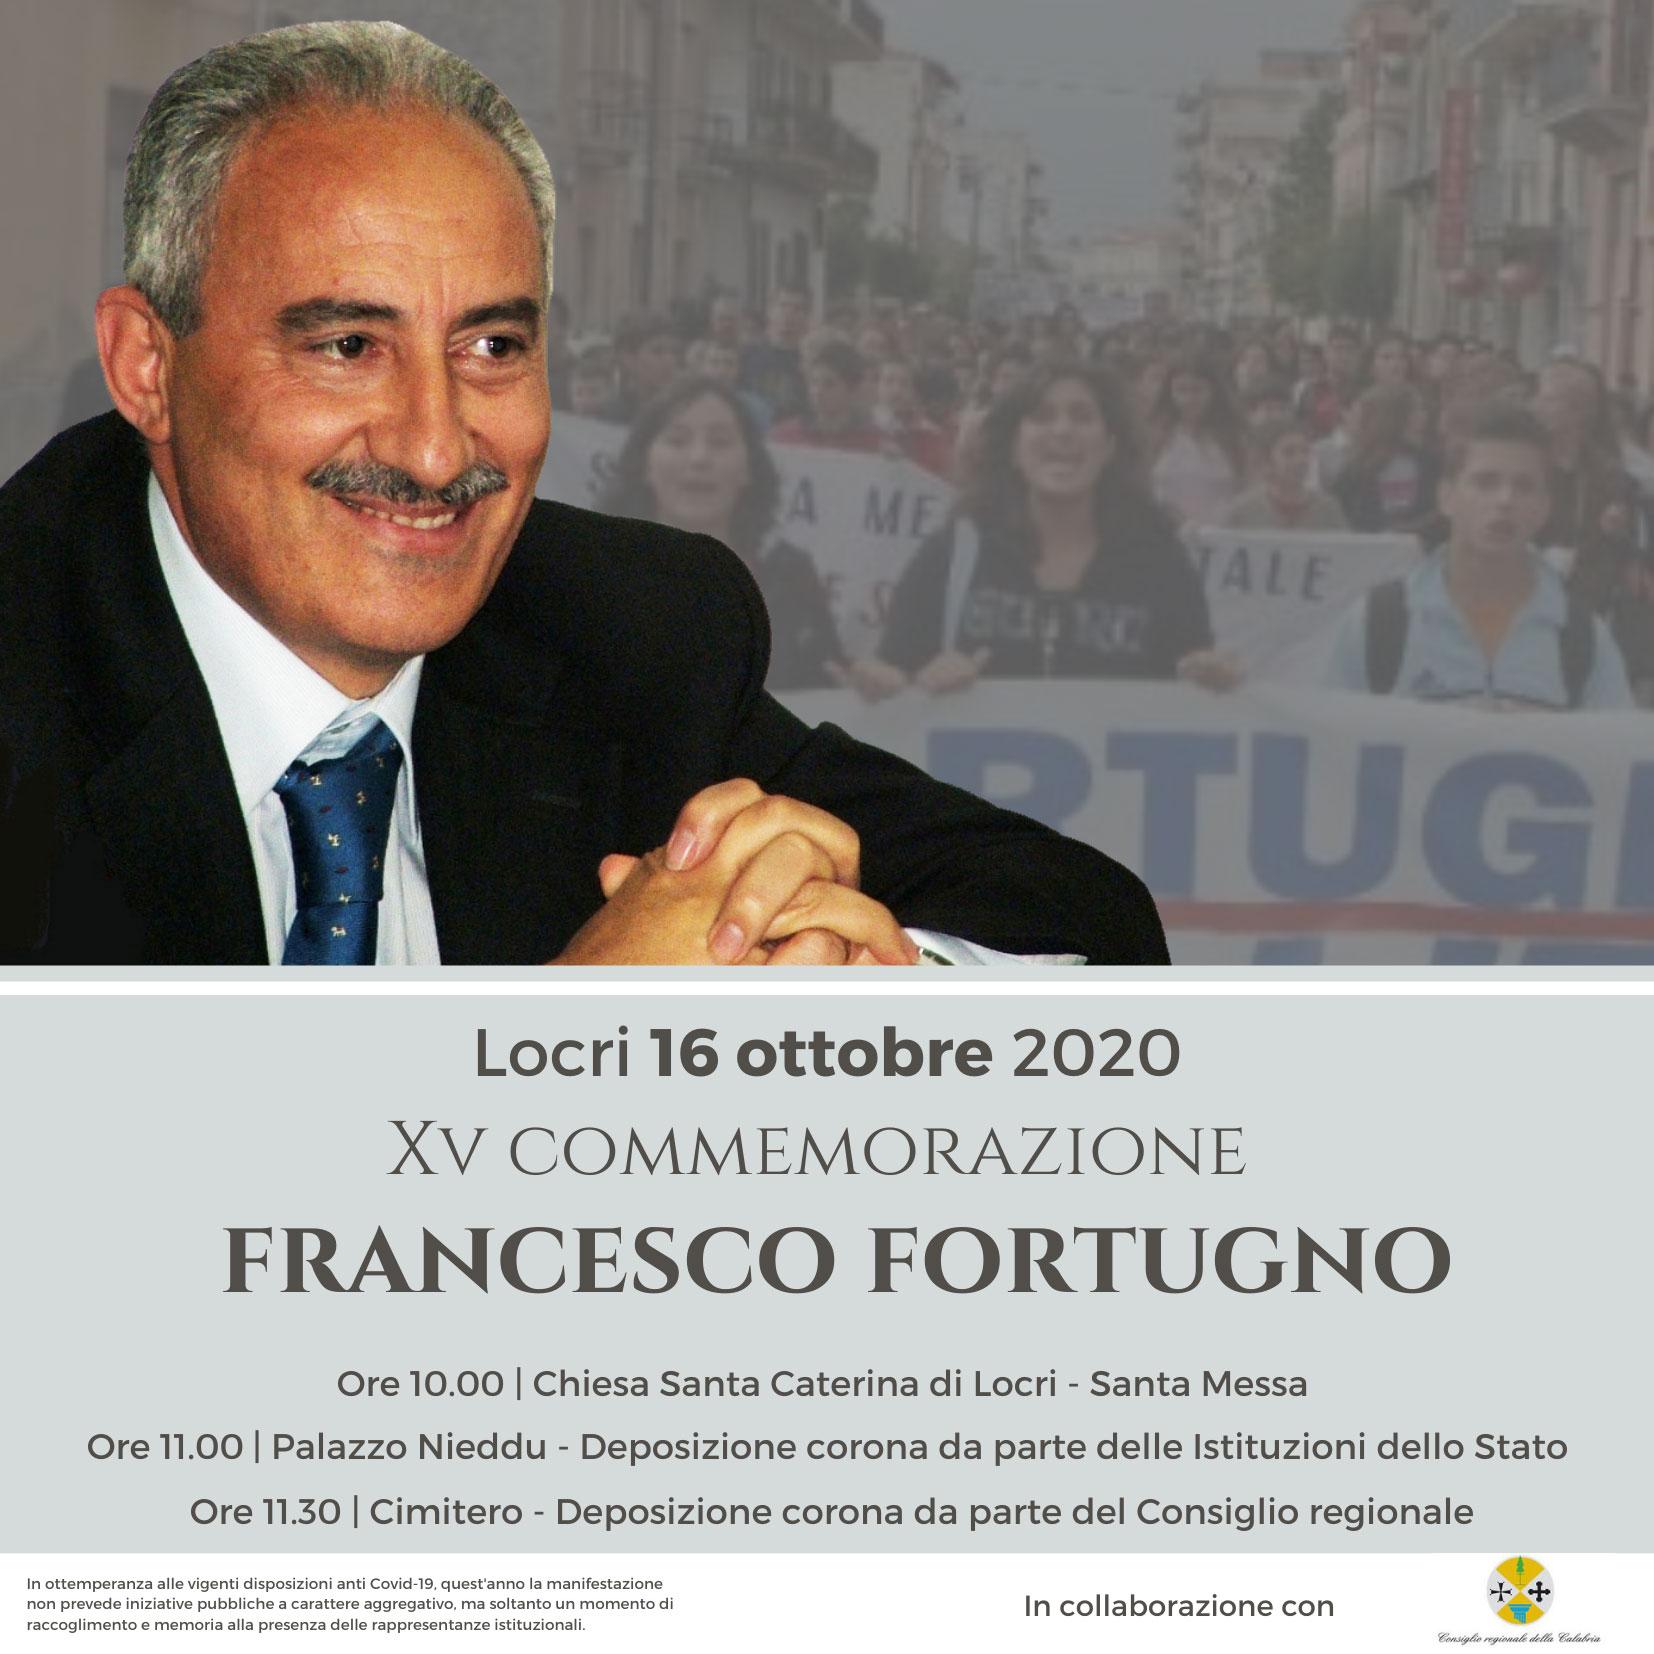 LOCRI Venerdì cerimonia commemorativa in ricordo di Francesco Fortugno - Lente Locale